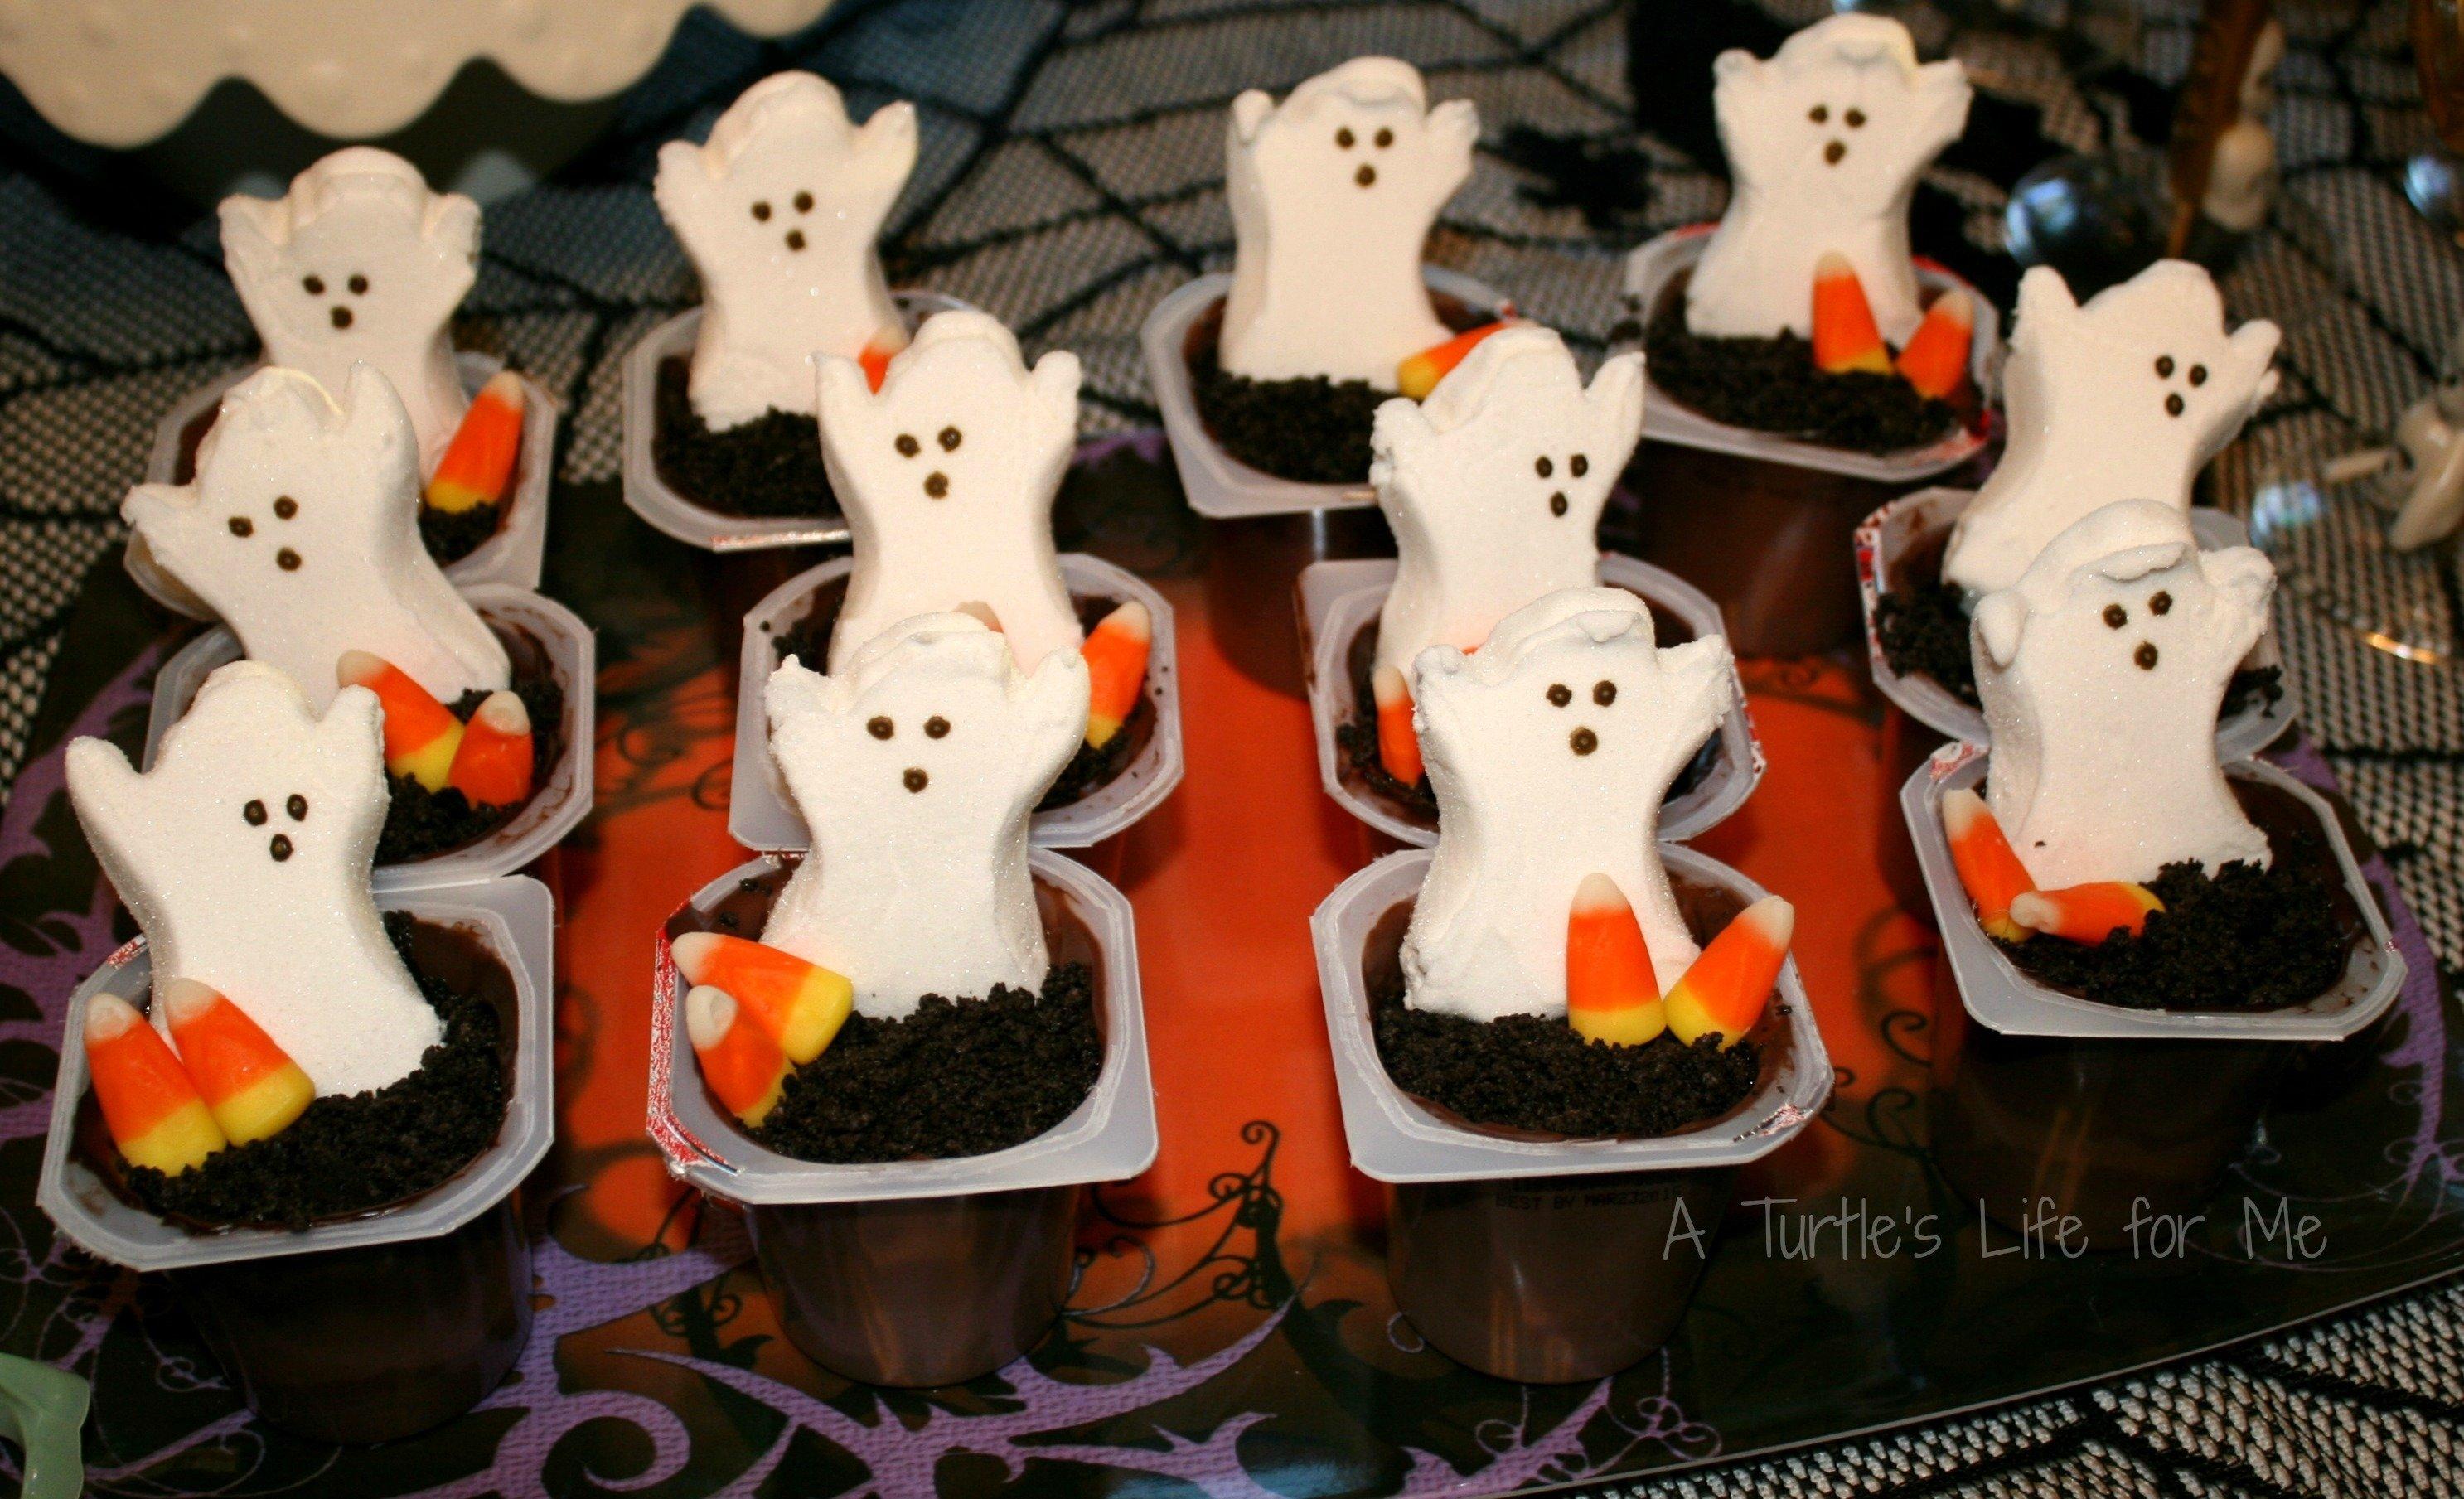 10 Great Kids Halloween Birthday Party Ideas - photo#33